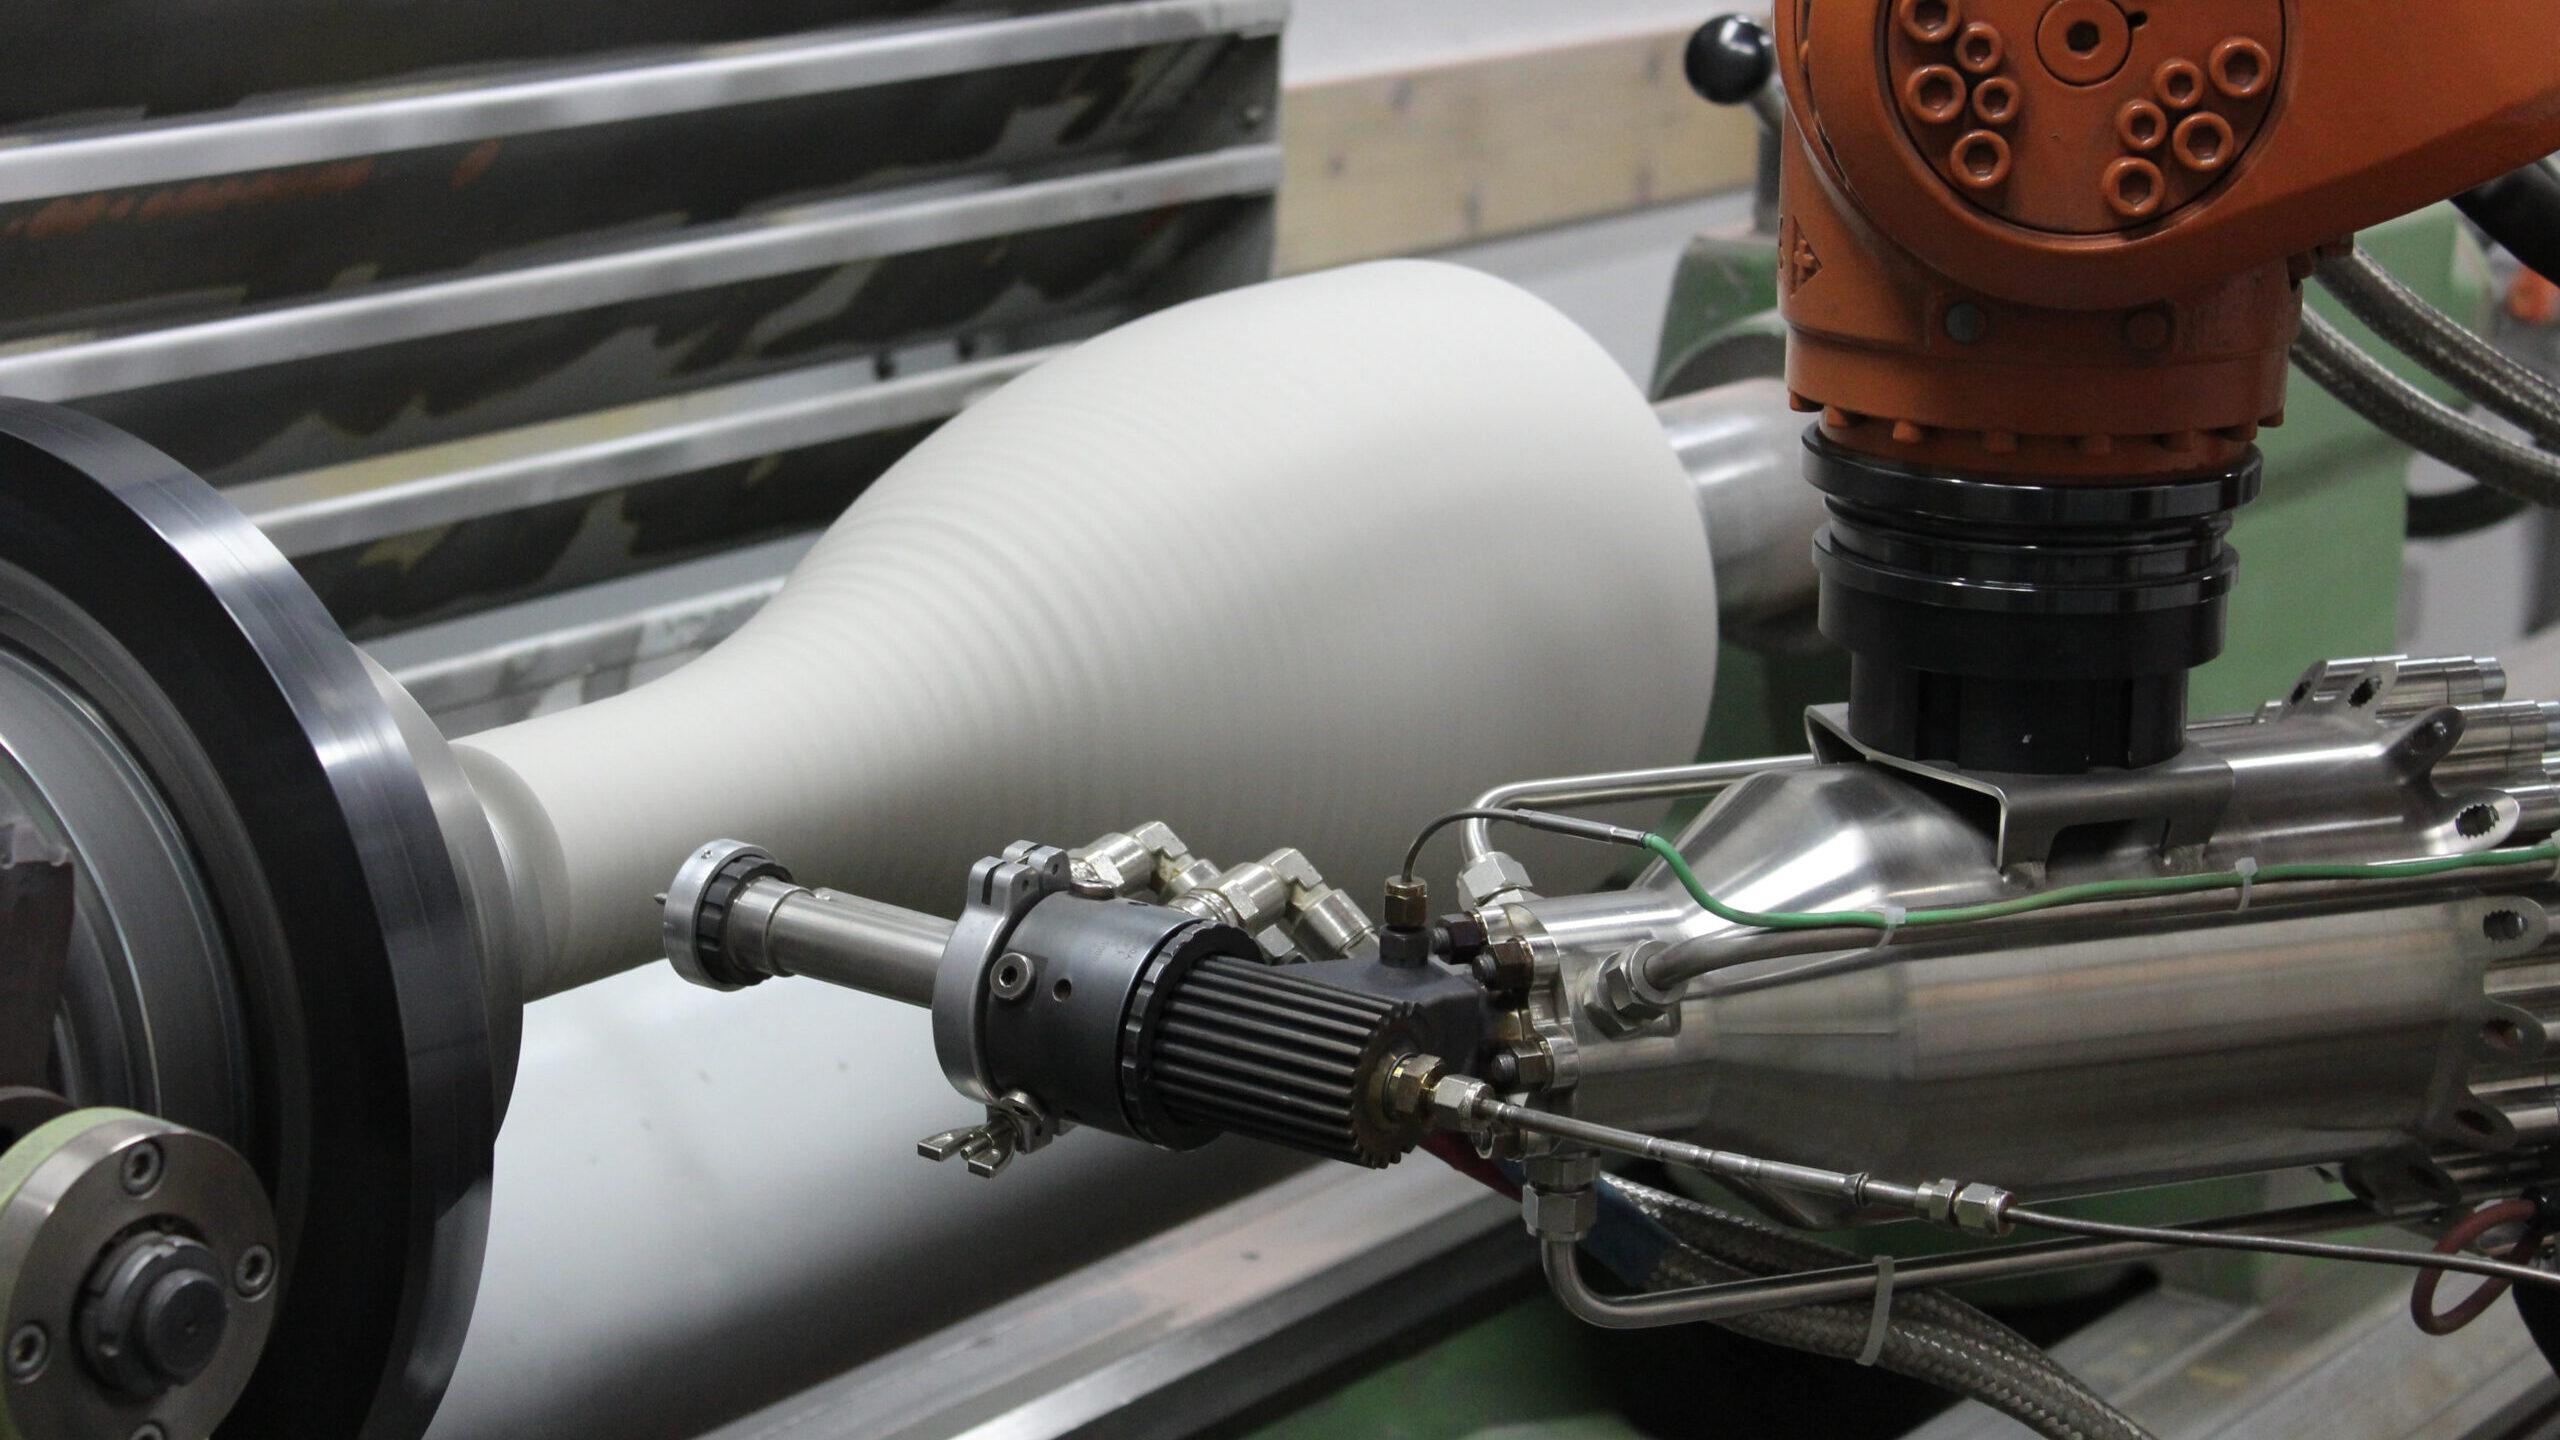 Additiv gefertigte Raketendüse mit Kaltgas